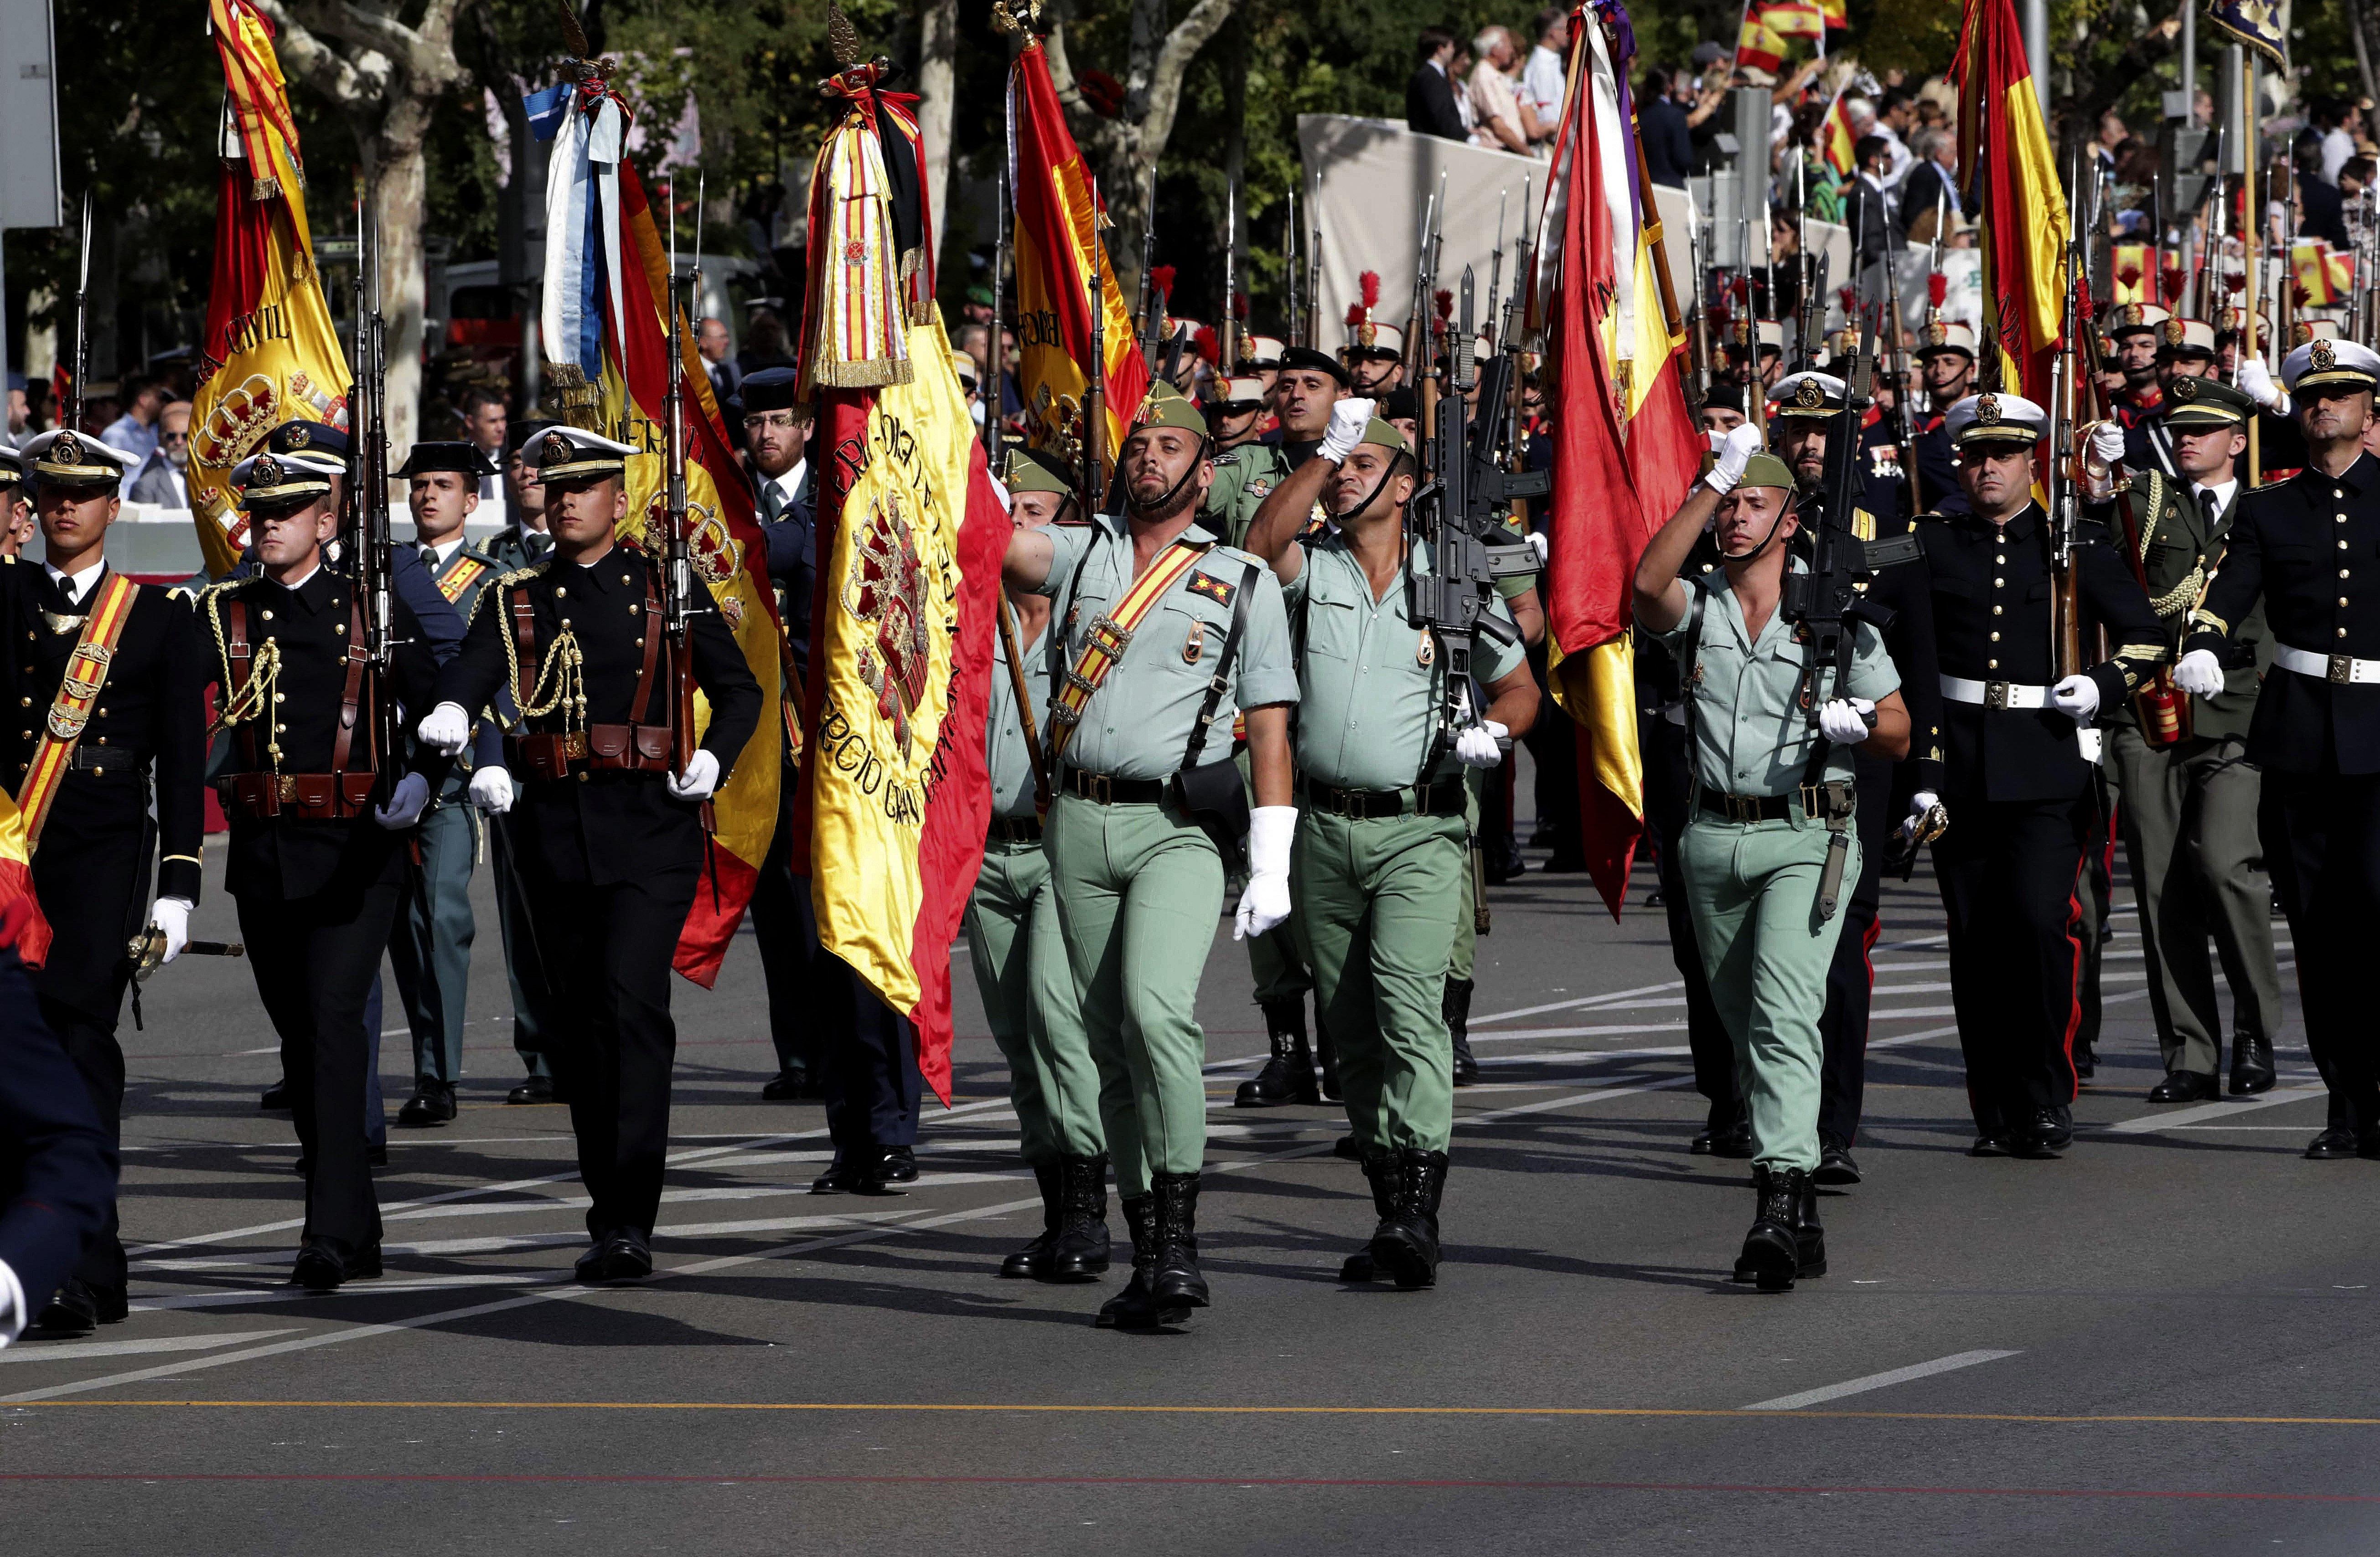 Desfilada del Dia de la Festa Nacional que han presidit els Reis, i a la que ha assistit el Govern en ple, encapçalat per Mariano Rajoy, i la majoria de líders polítics./Zipi